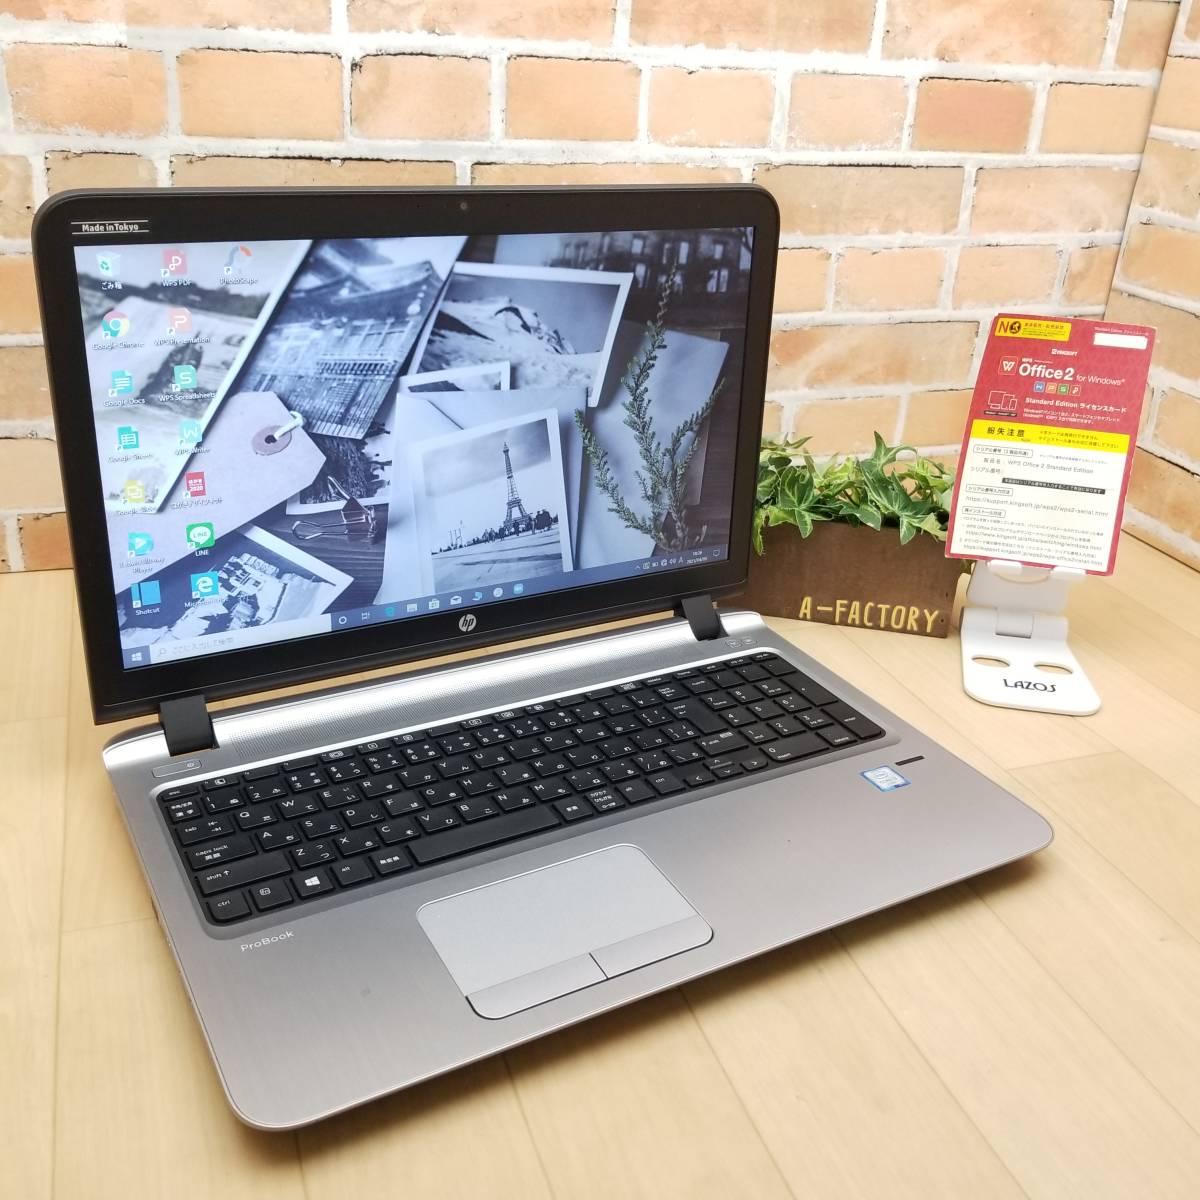 ★2016年モデル・美品★高性能第6世代i3搭載/HDD500GB/メモリ4GB/無線 Wi-Fi/webカメラ/最新Office搭載/Win10/HP ProBook 450 G3 (C7261)